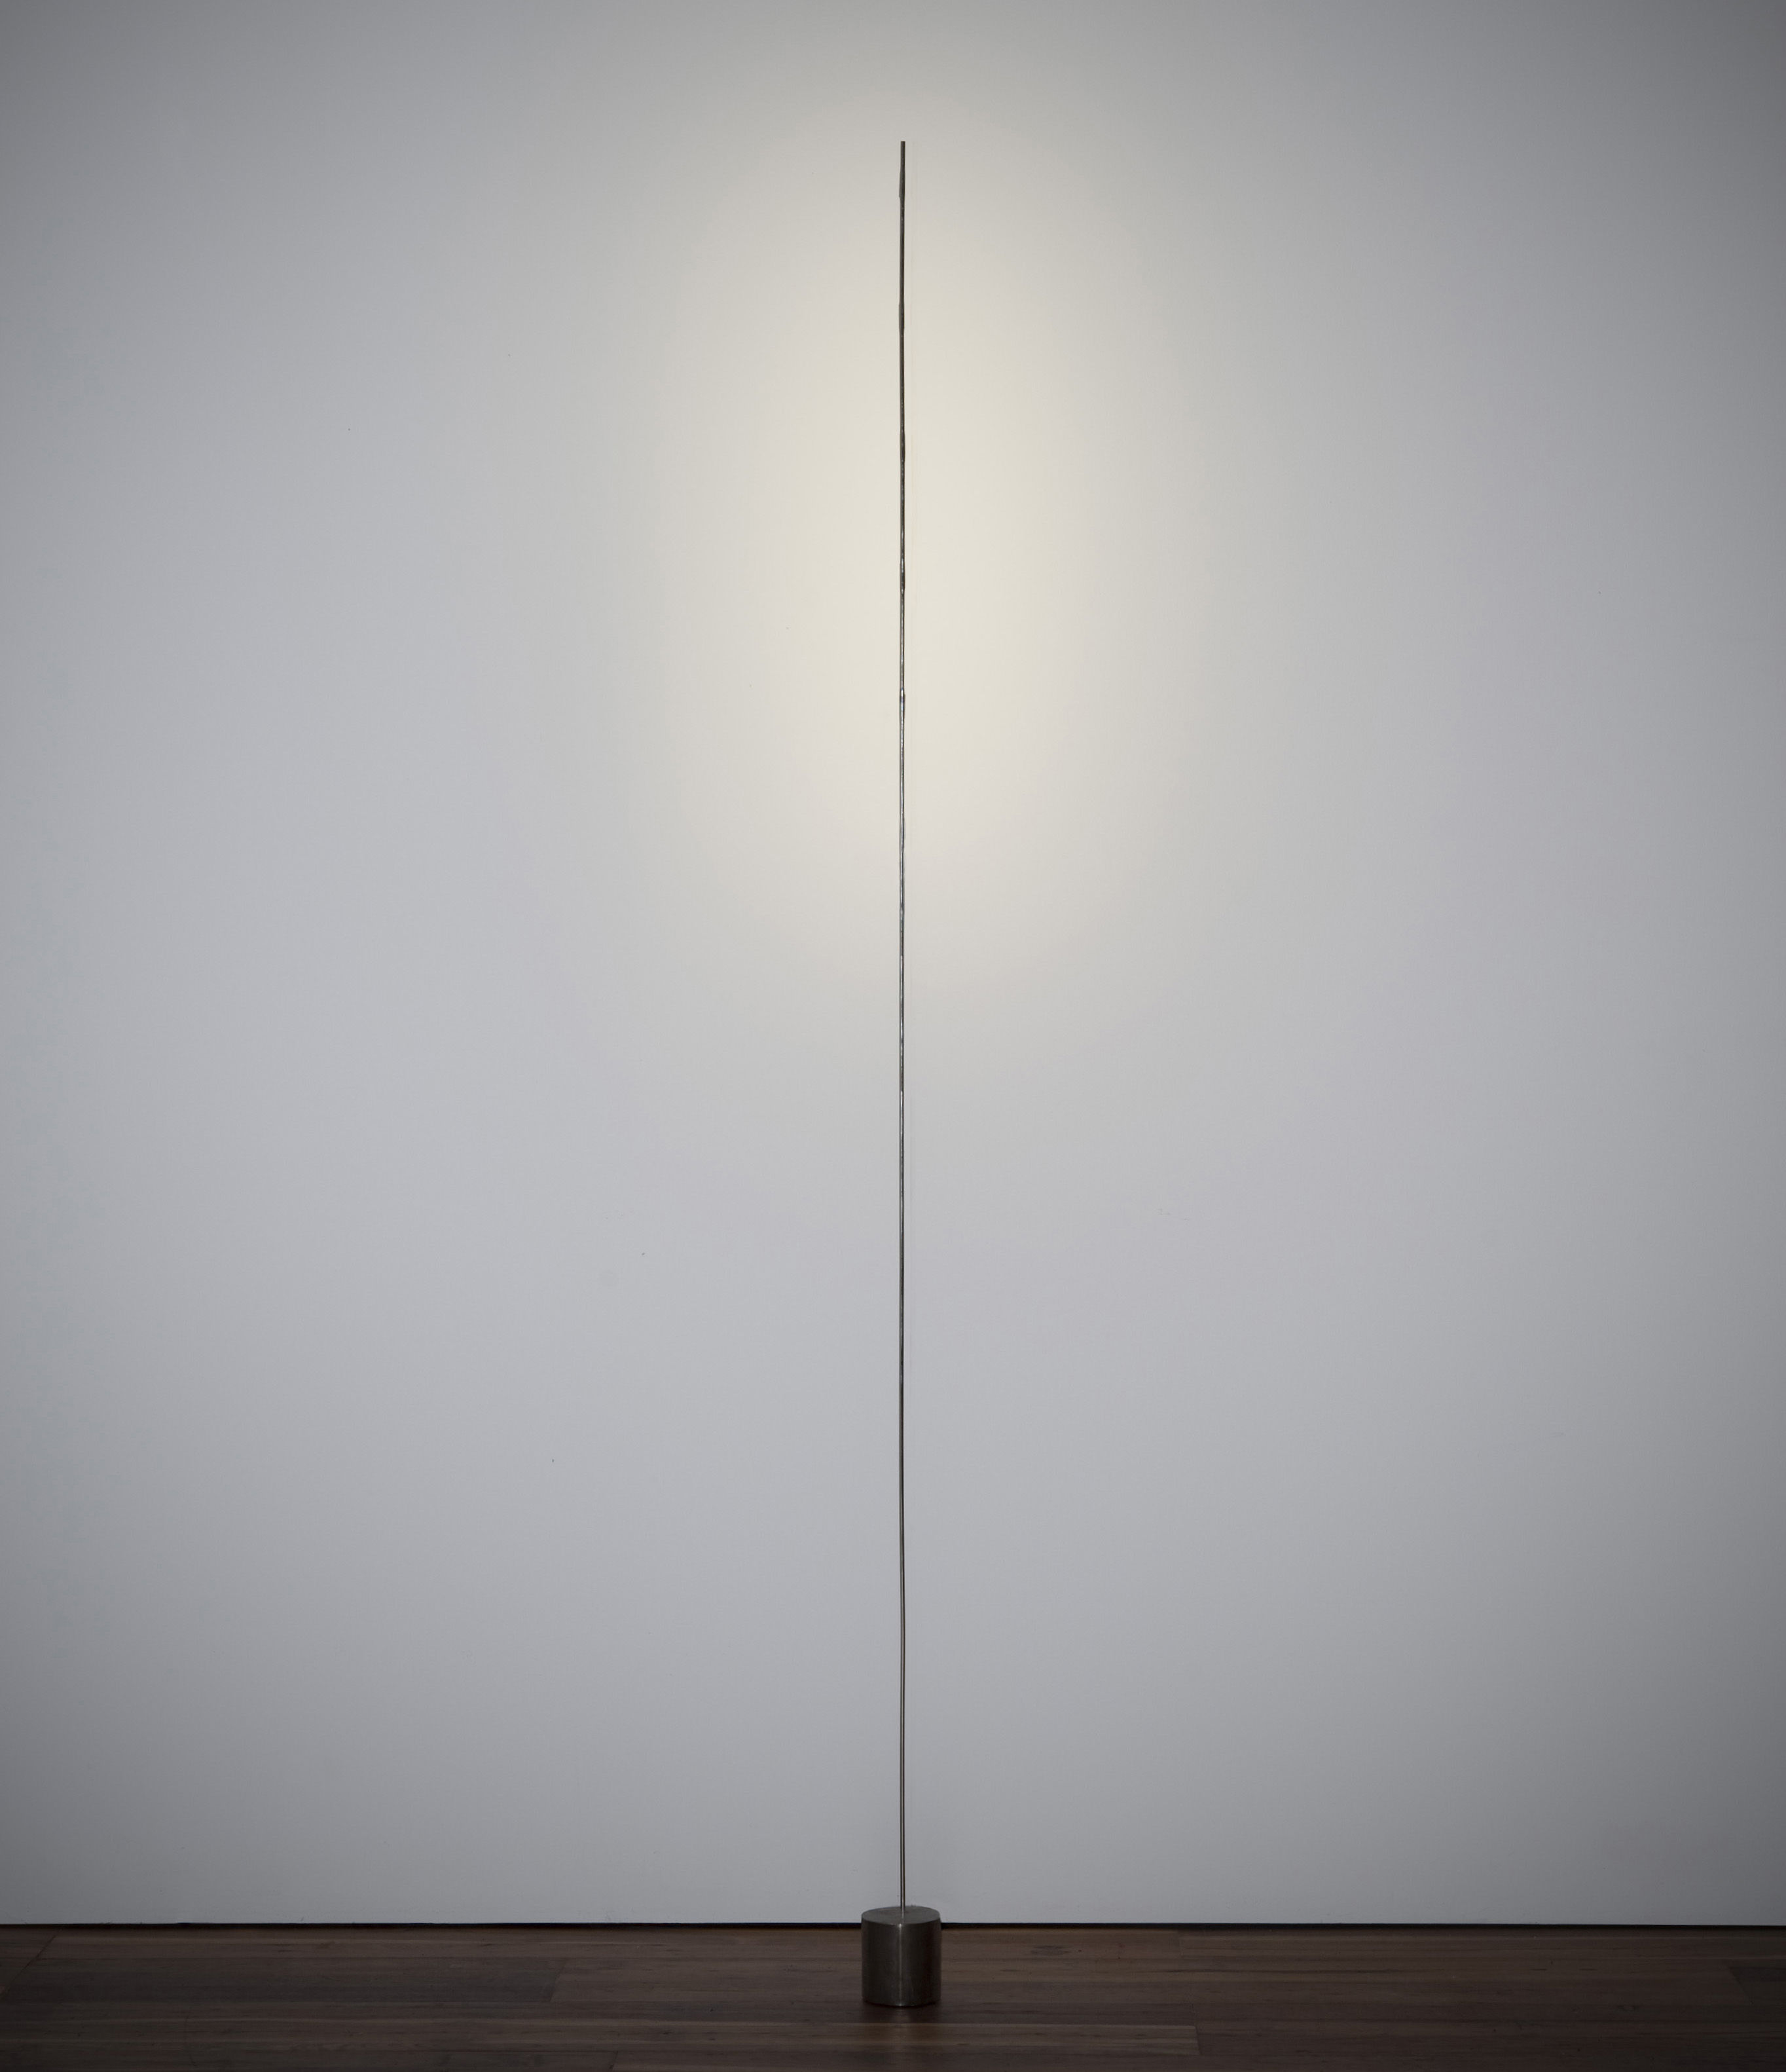 Luminaire - Lampadaires - Lampadaire Light stick LED / H 183 cm - Catellani & Smith - Argent / Base noire - Métal